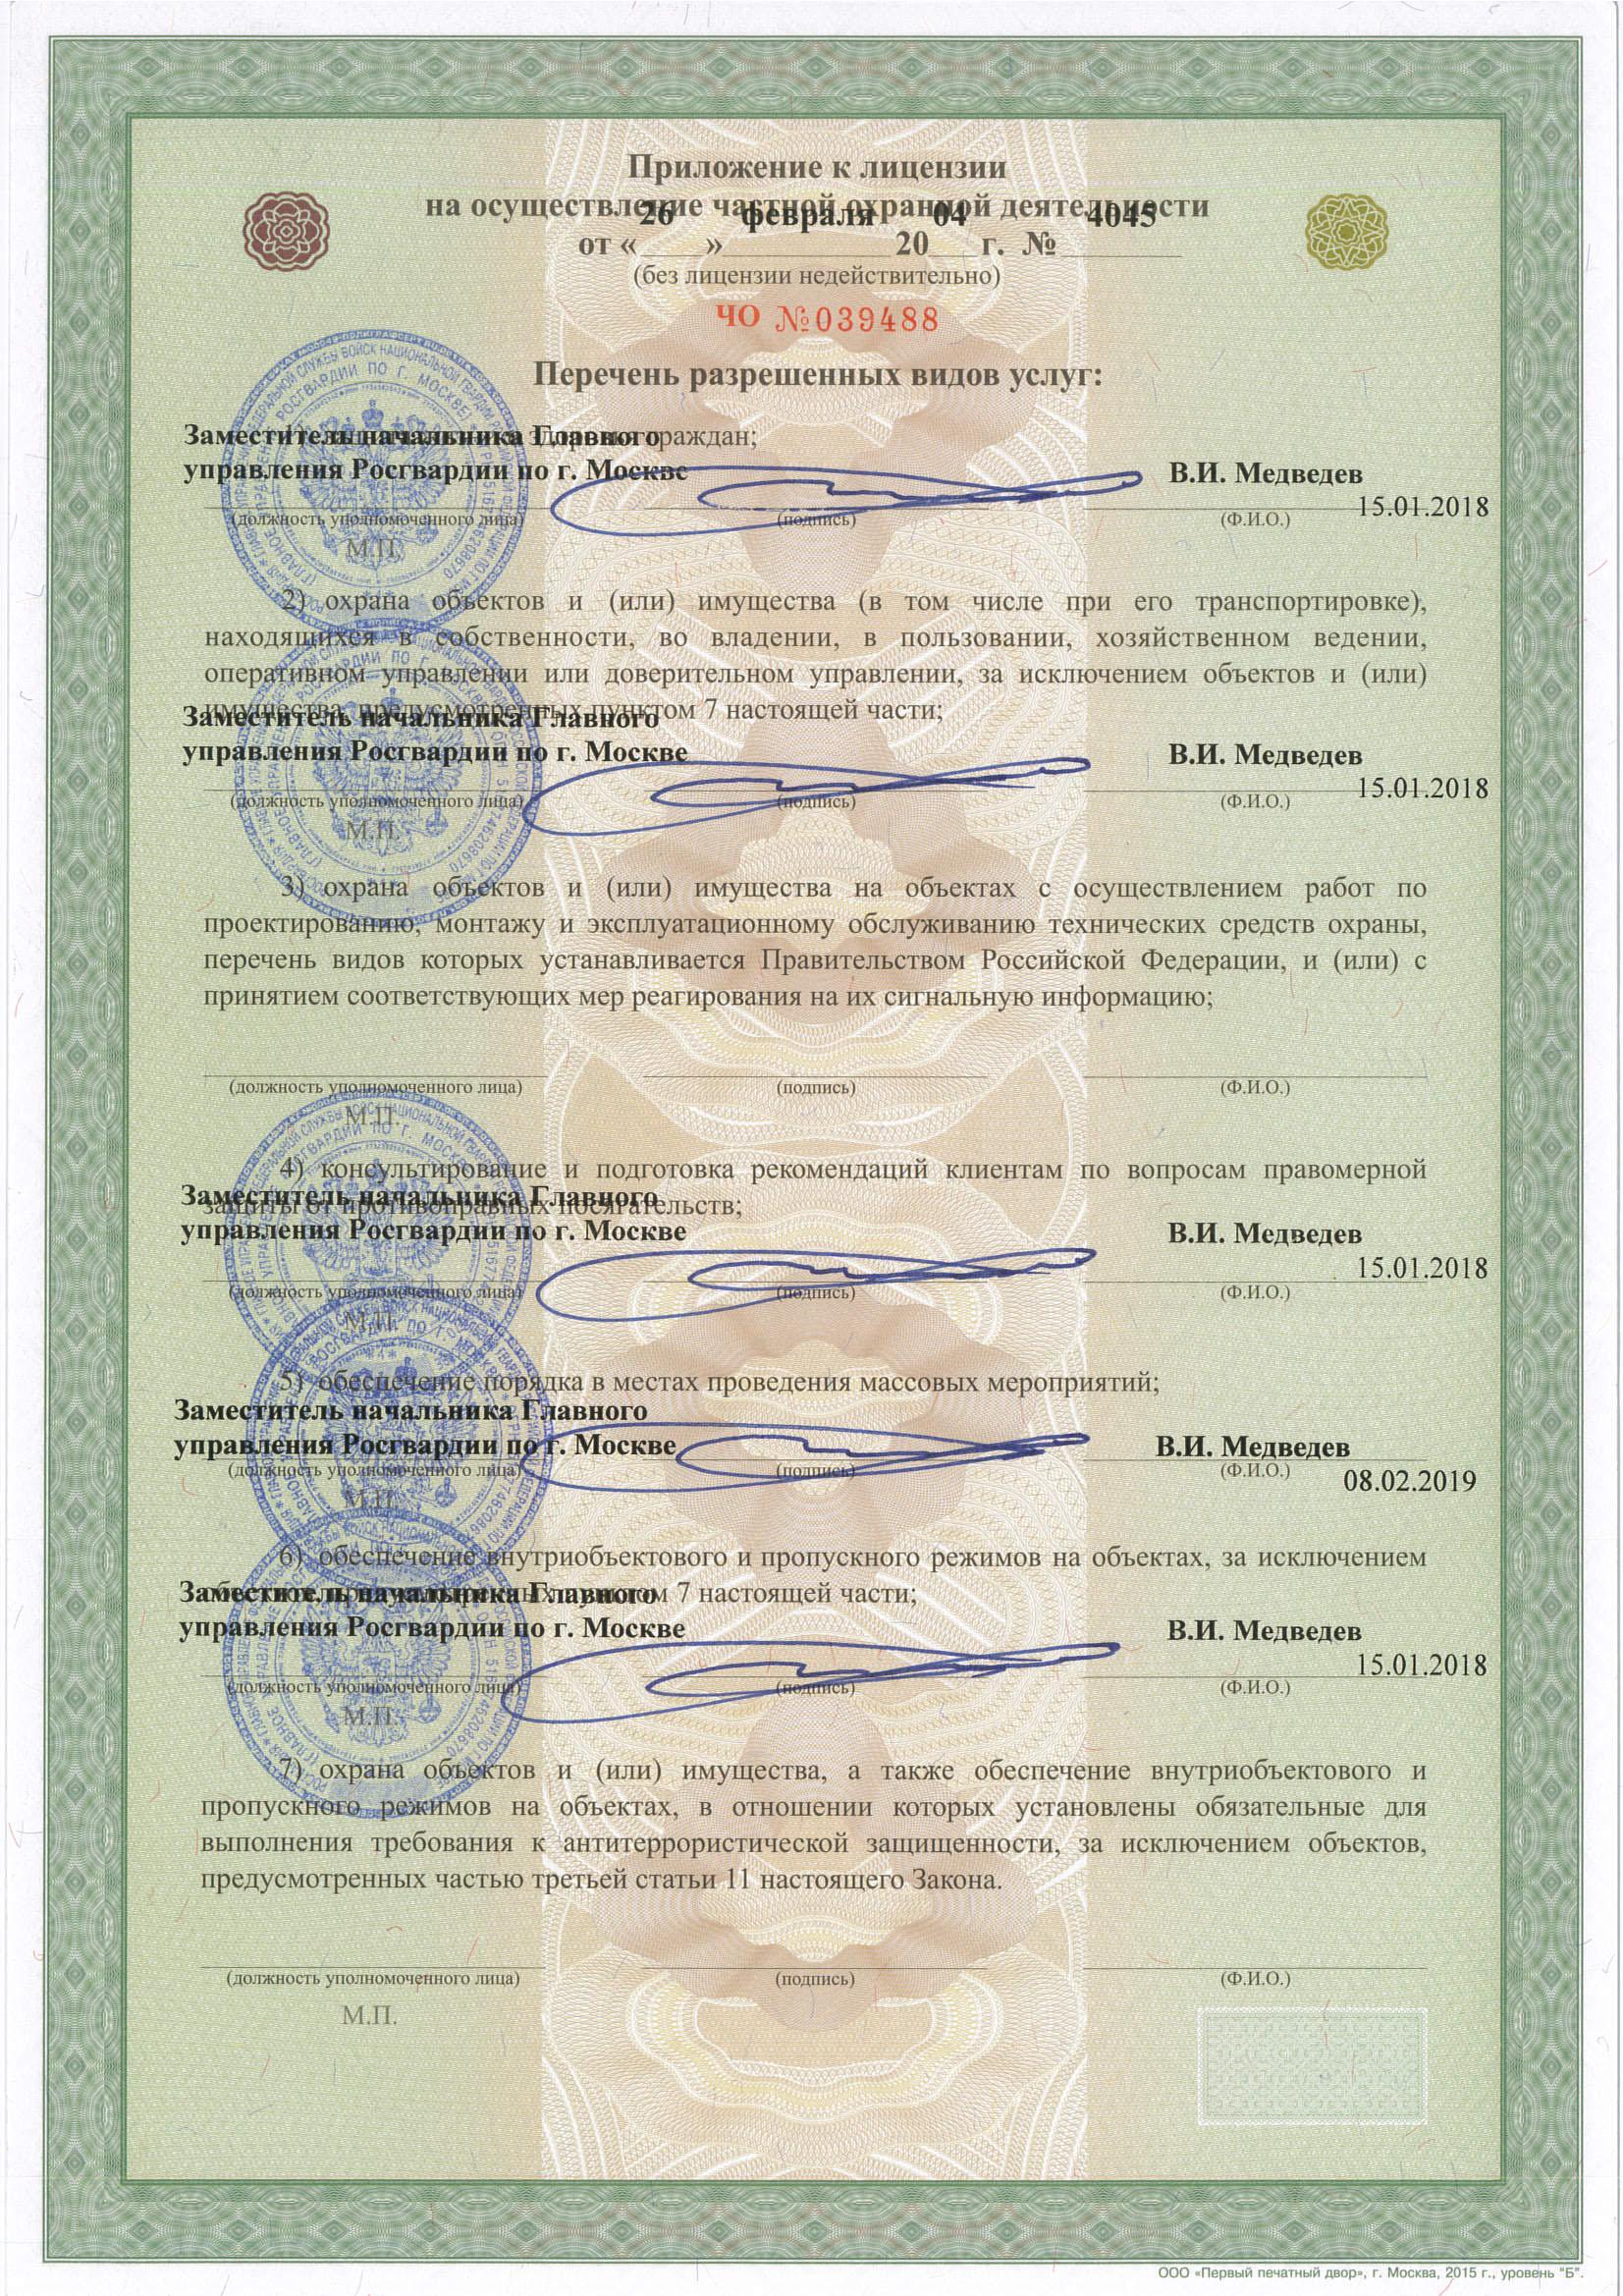 Лицензия на охранную деятельность ЧОО МЭЙДЭЙ